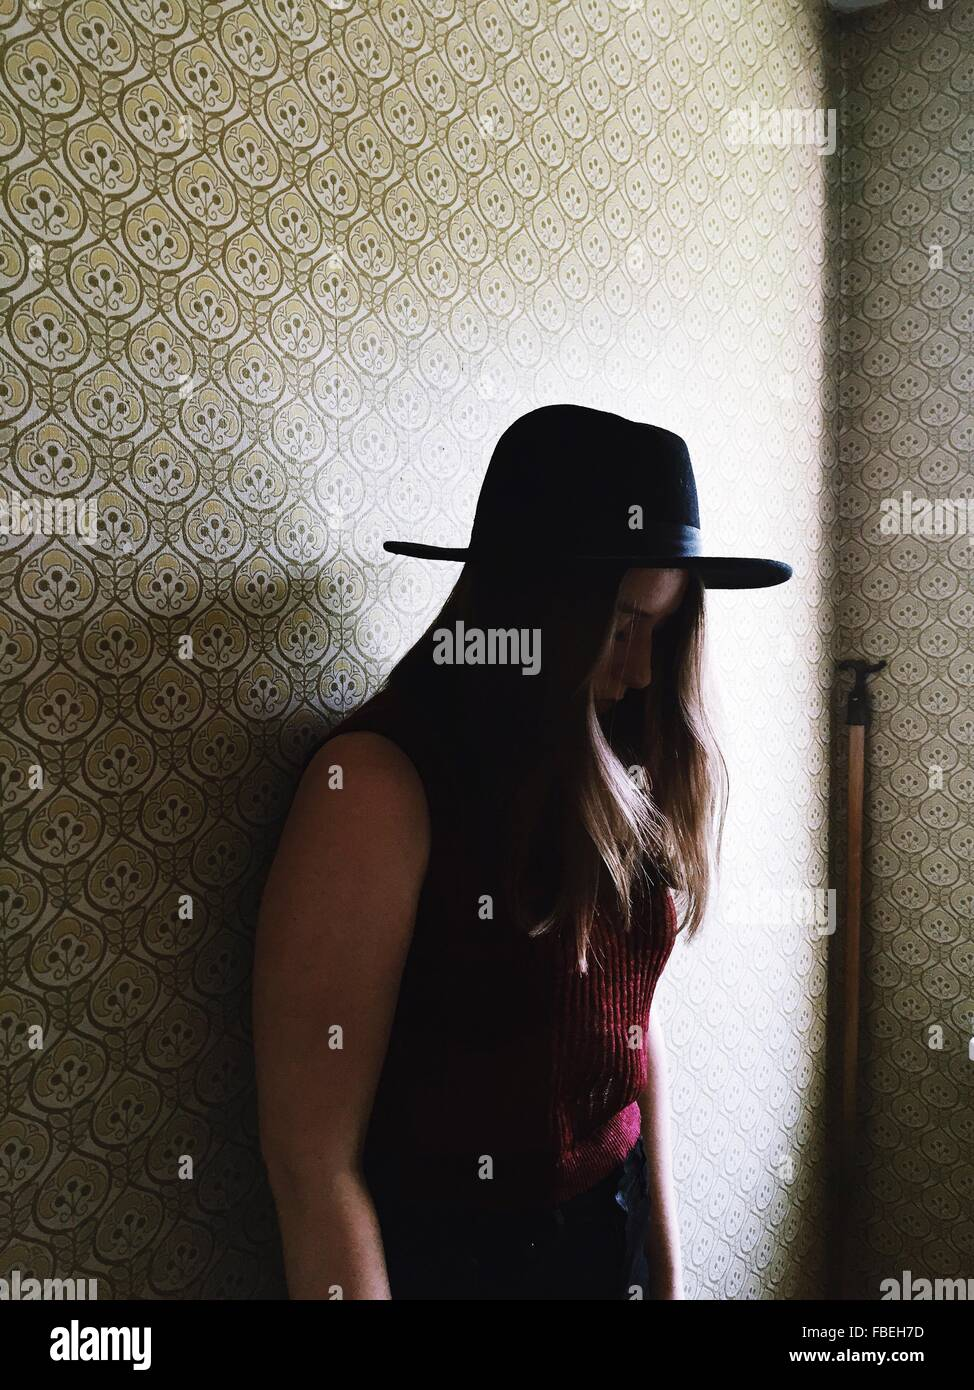 Vista laterale della donna In Hat in piedi contro il muro mentre guardando verso il basso Immagini Stock